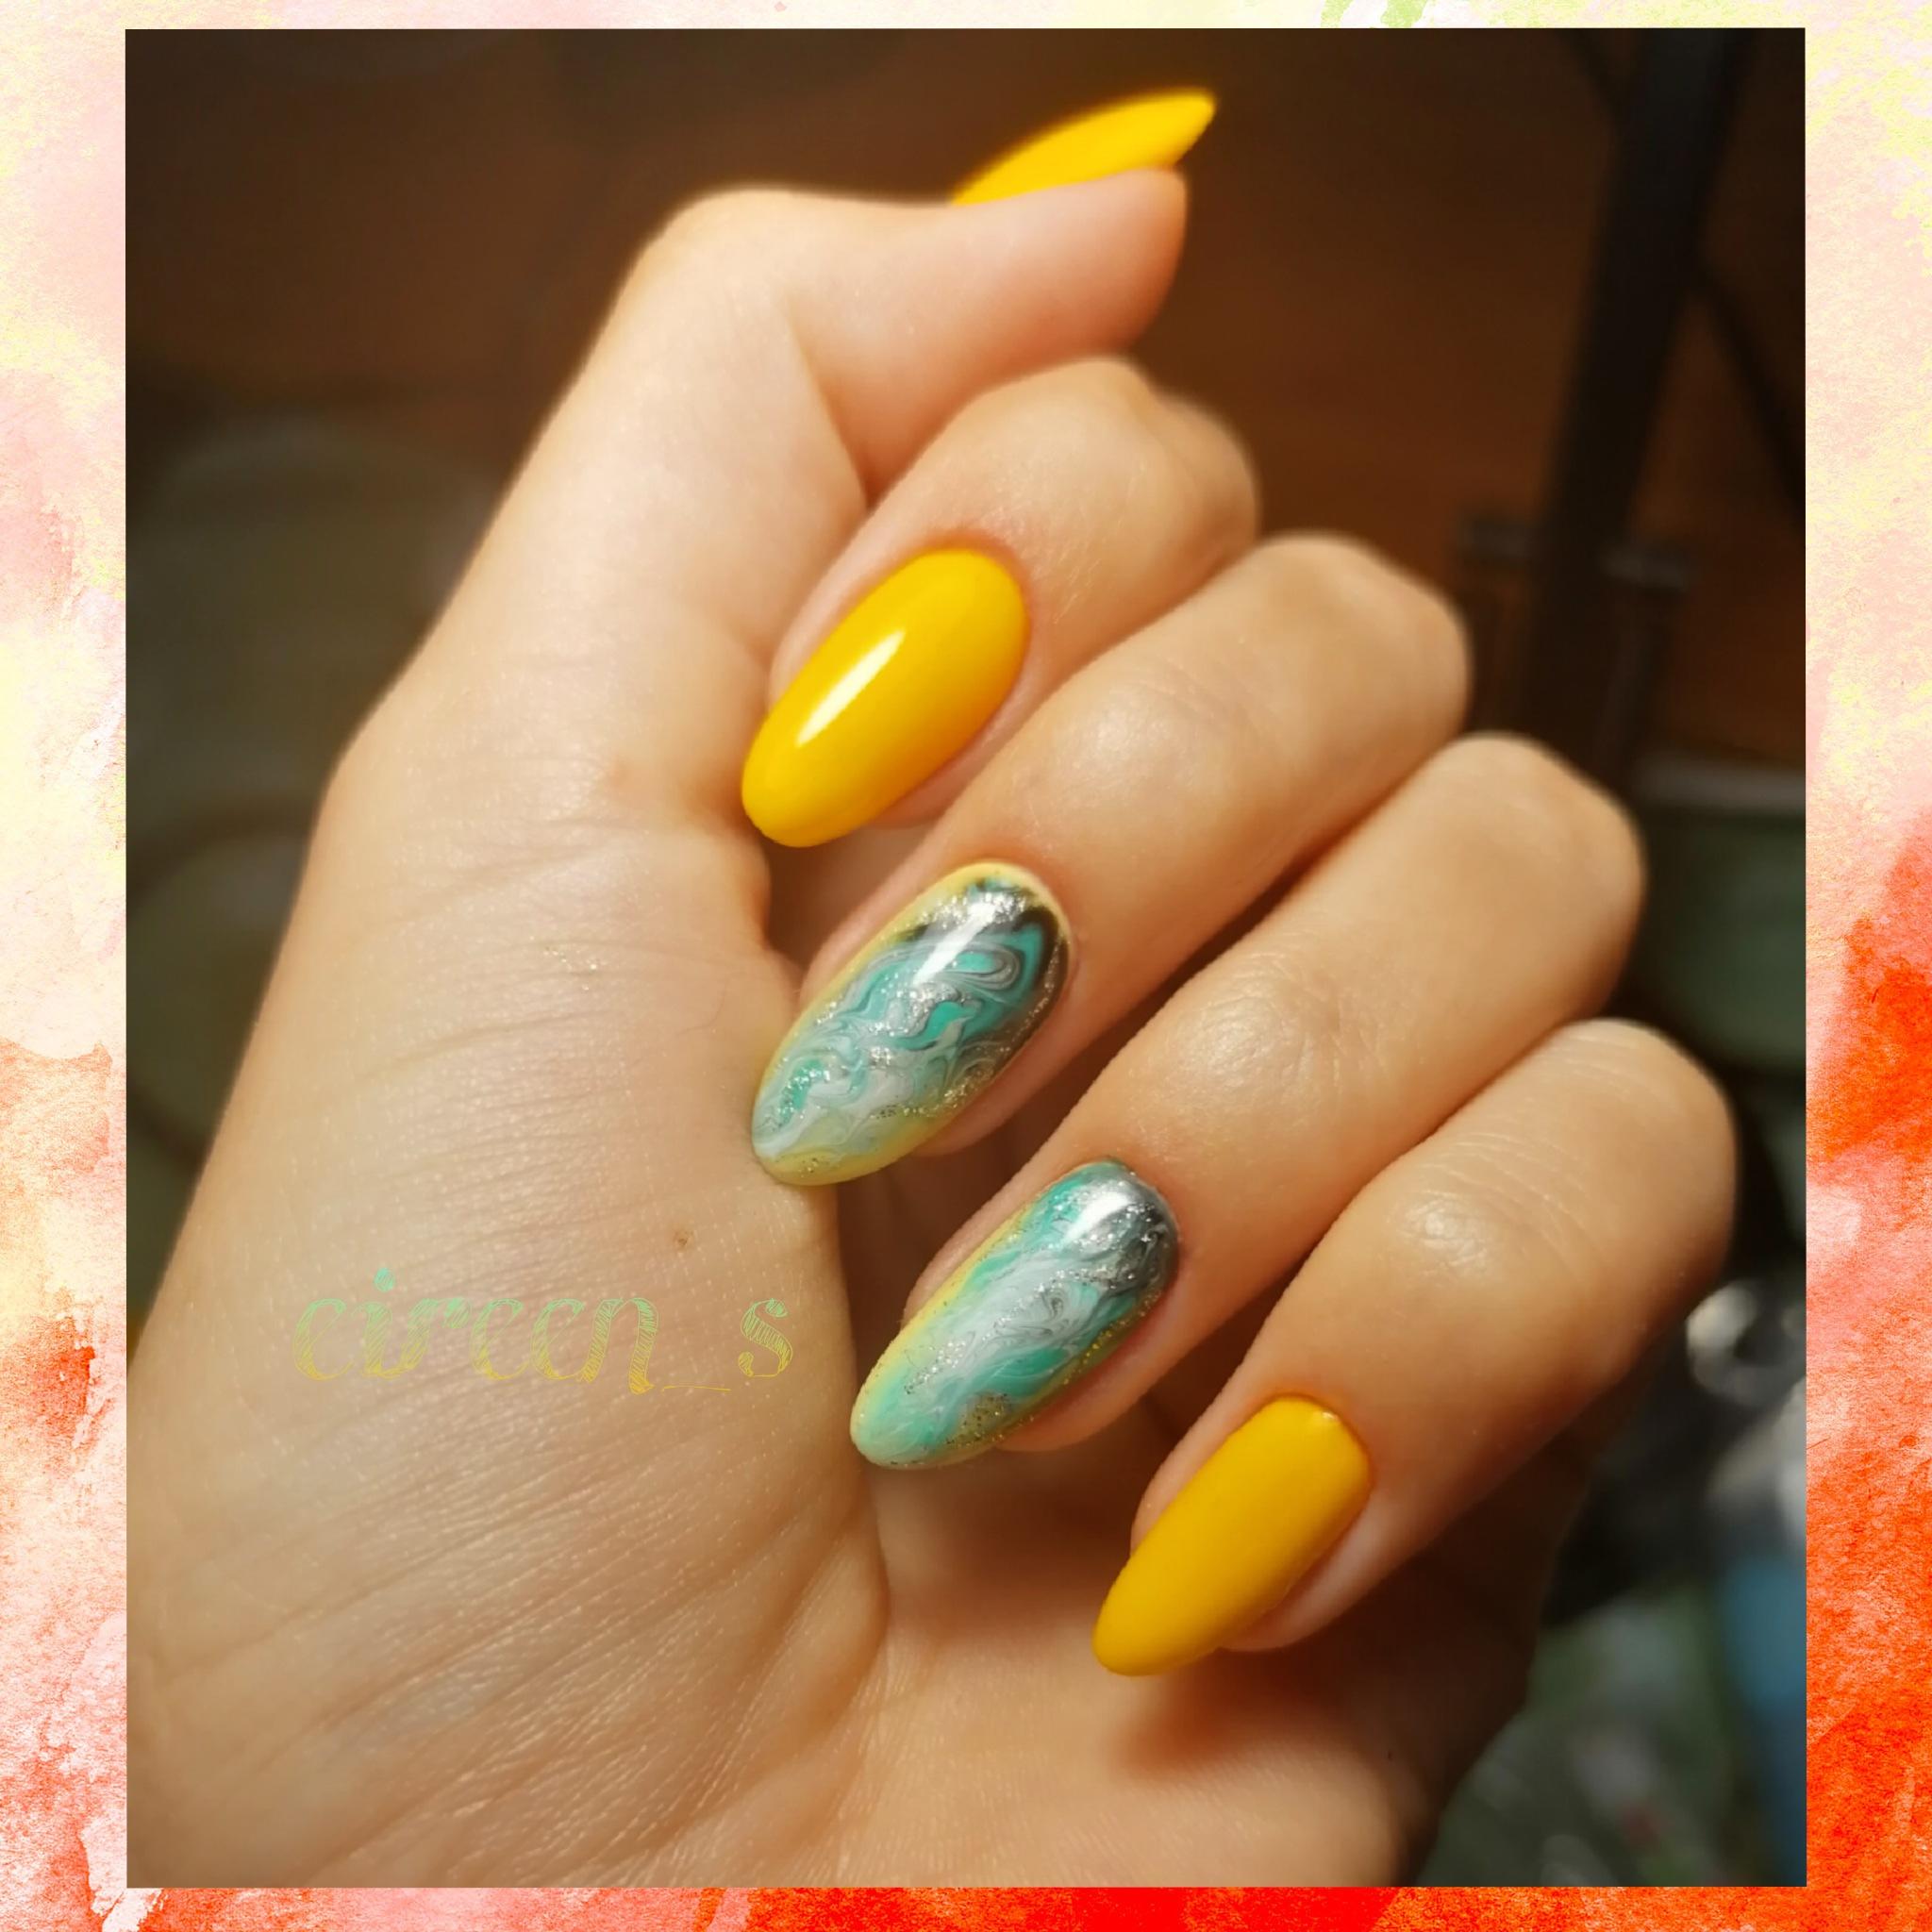 Маникюр с морским дизайном в желтом цвете на длинные ногти.